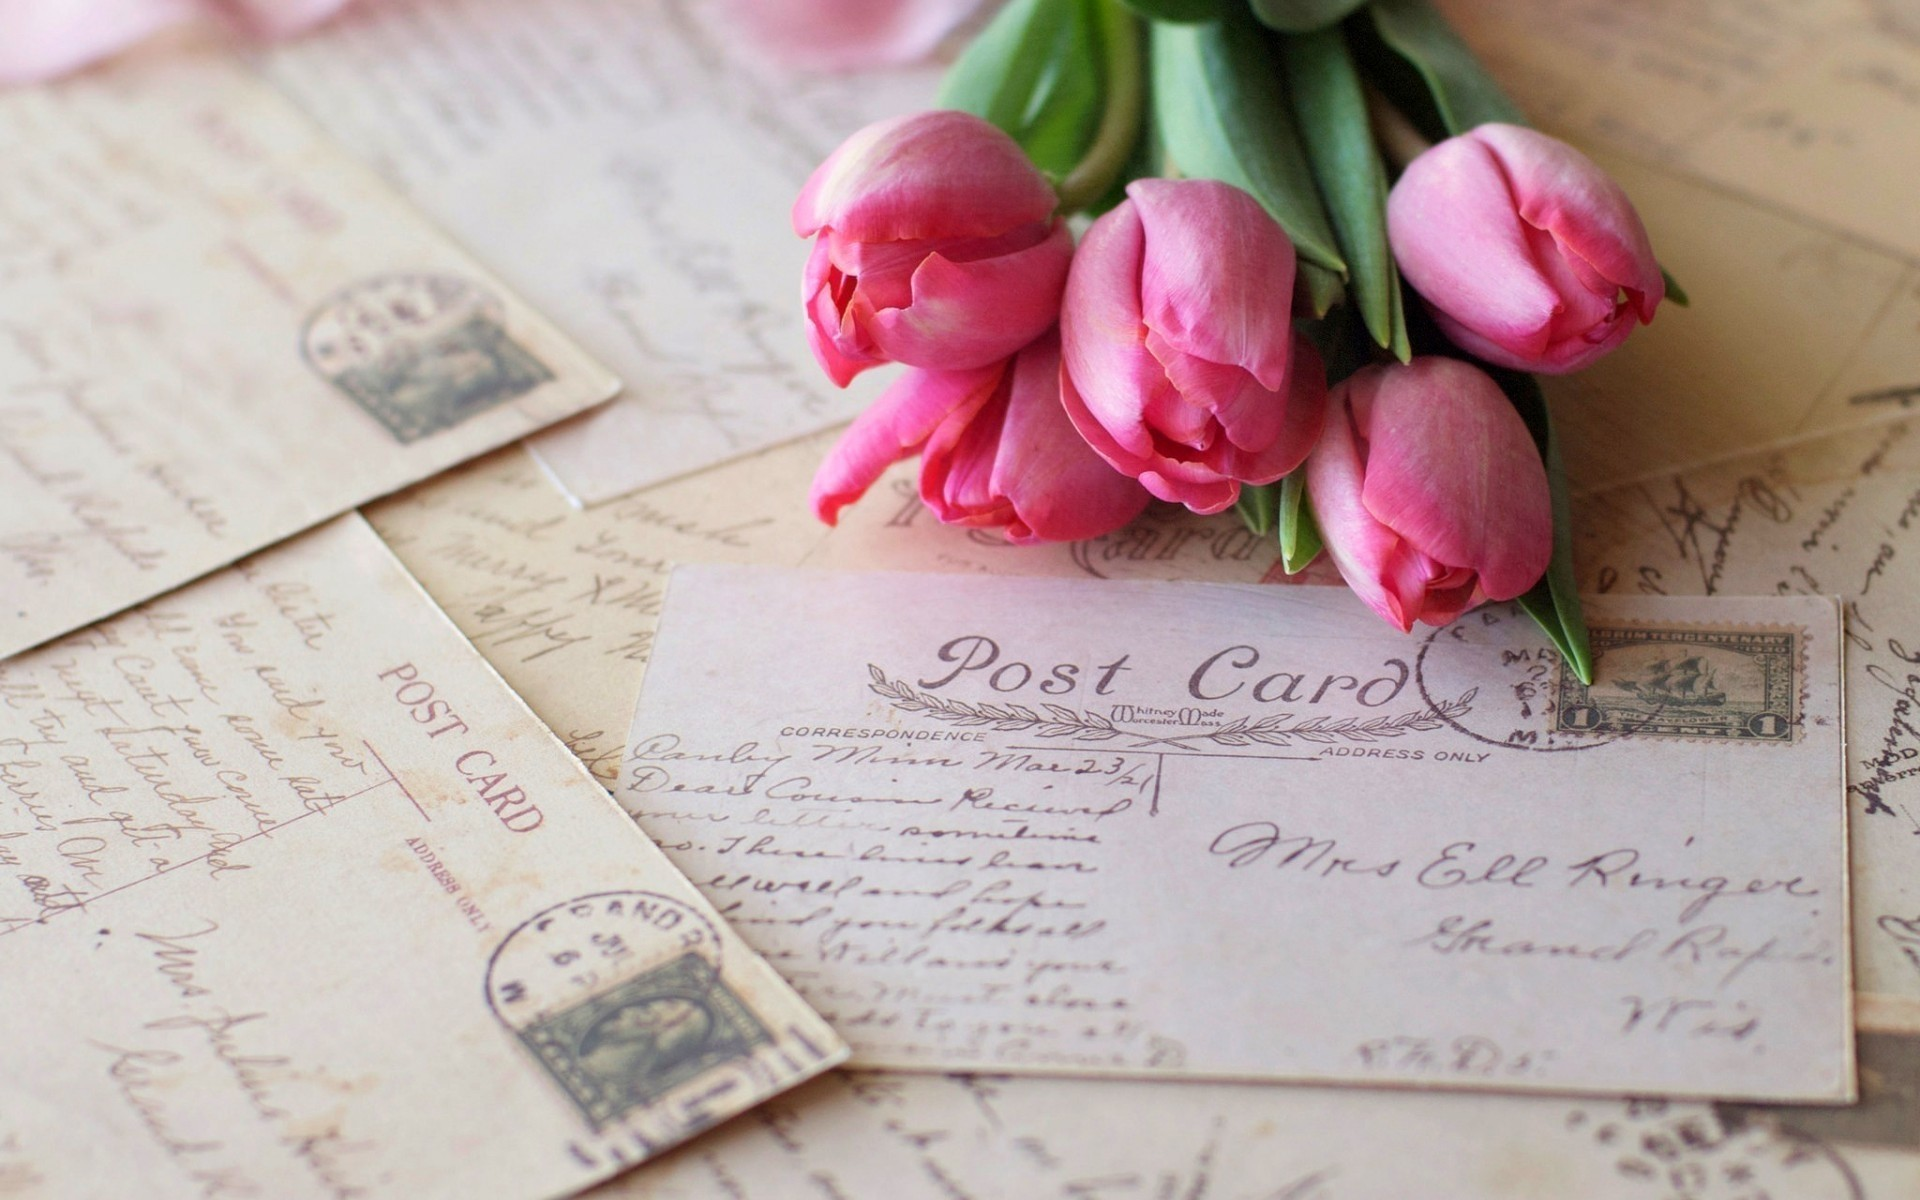 Что обычно пишут на открытке с цветами